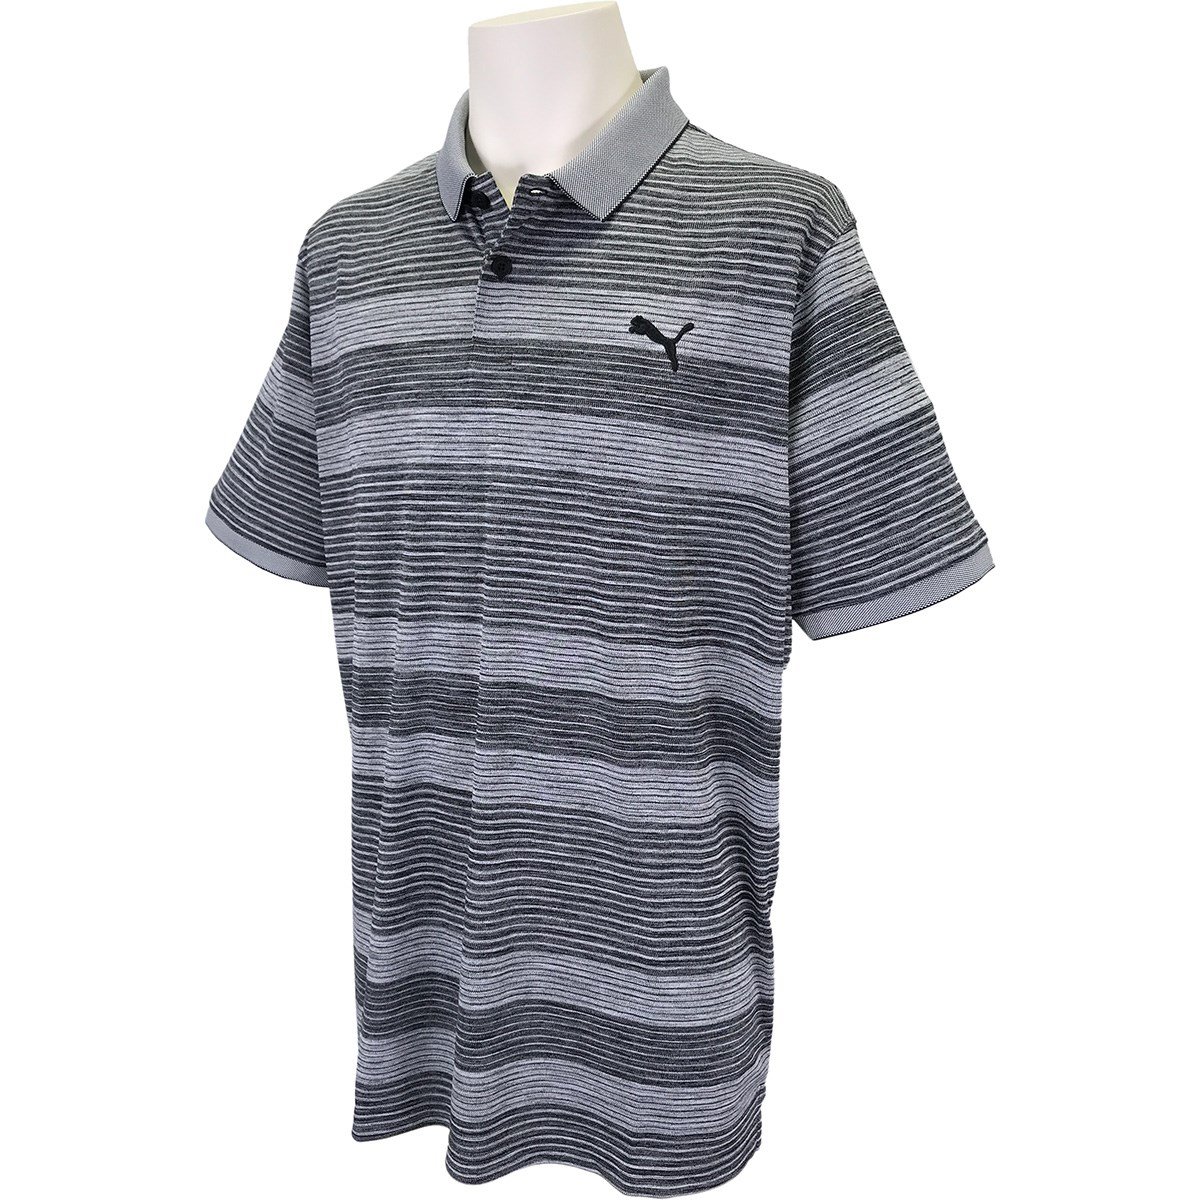 プーマ(PUMA) ランディング 半袖ポロシャツ